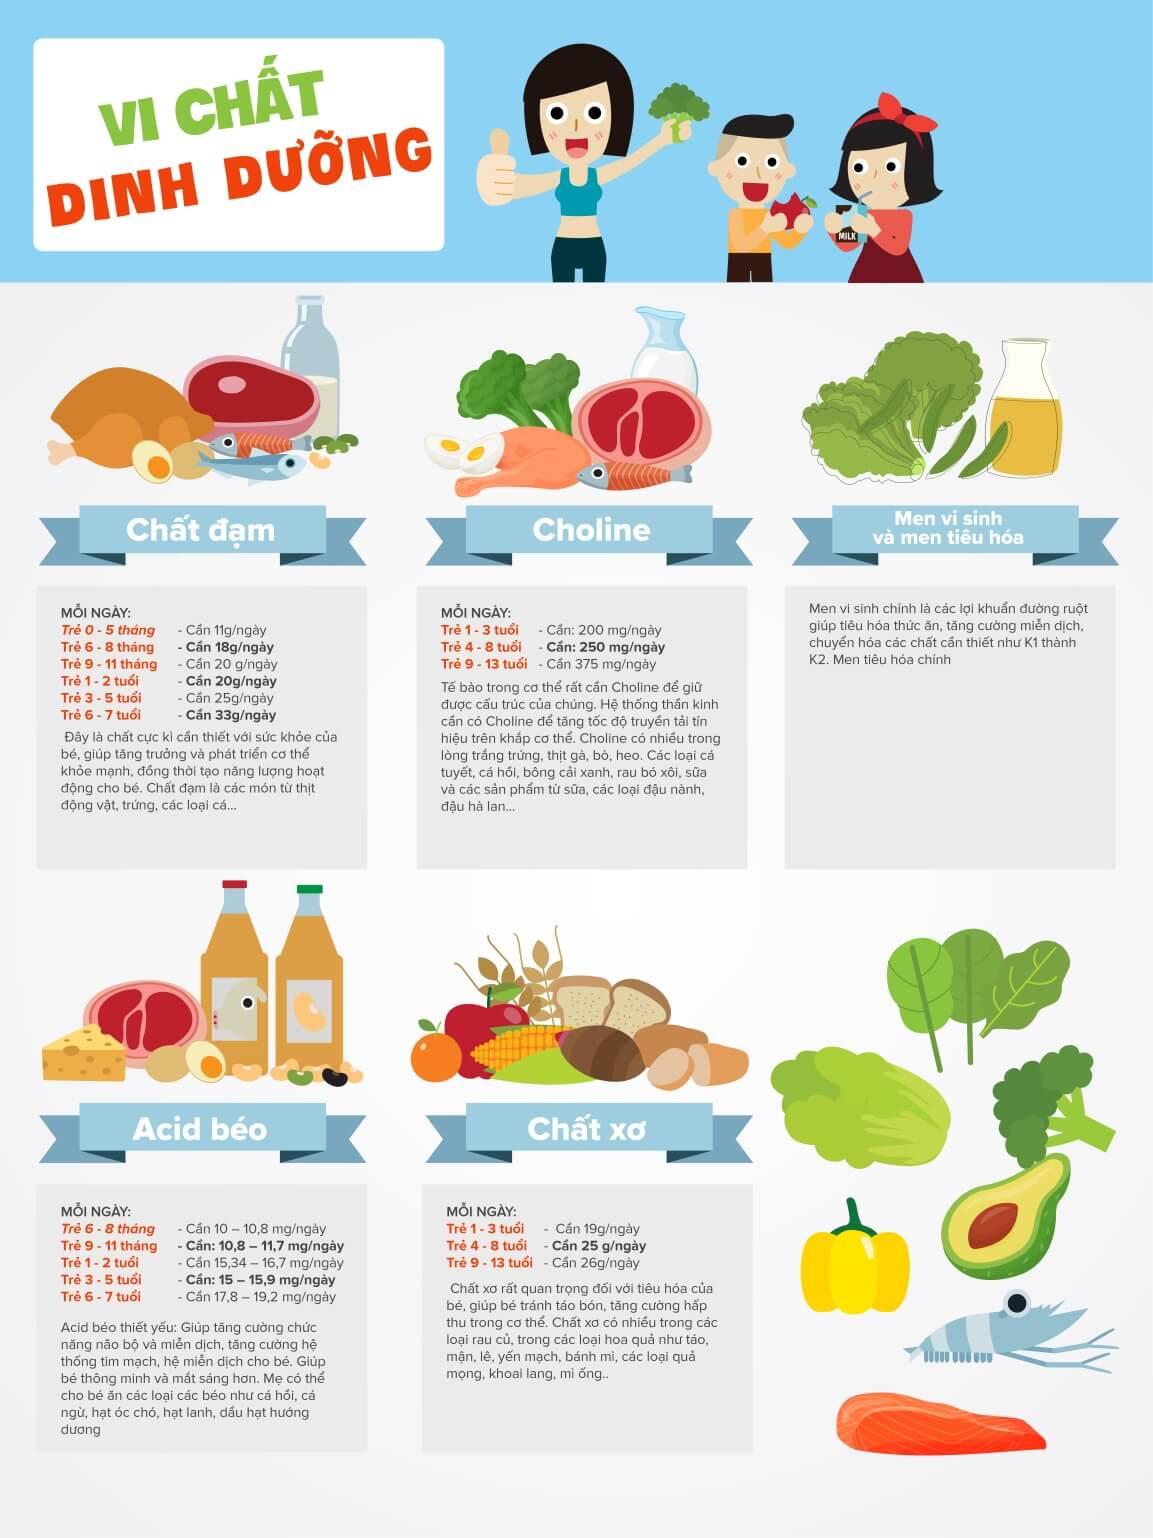 vi chất dinh dưỡng khác